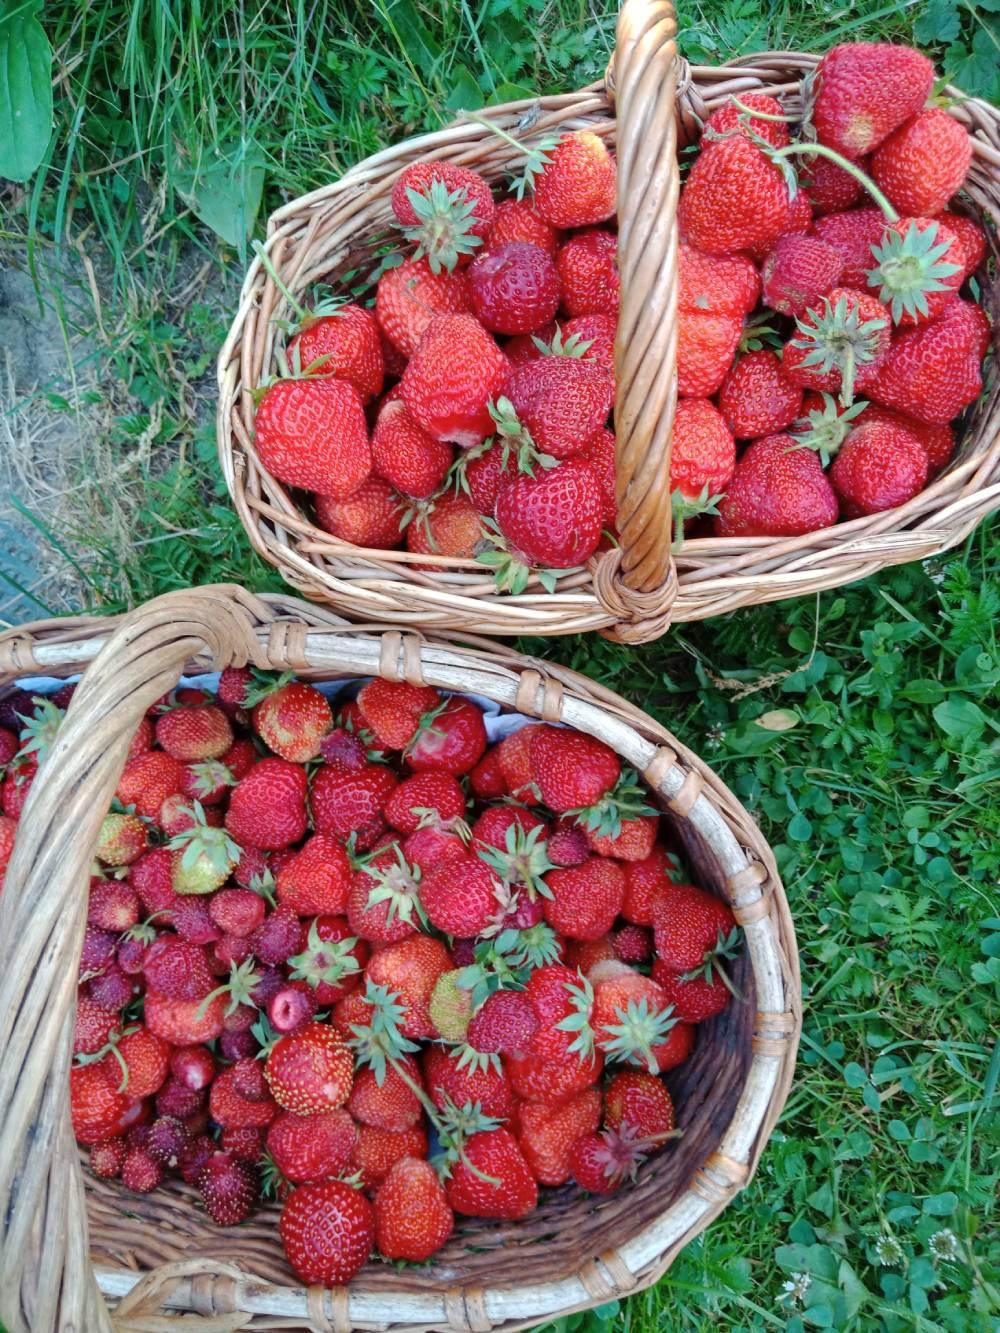 Для быстрой заморозки собирайте ягоды вкорзины, они неуспеют дать сок.